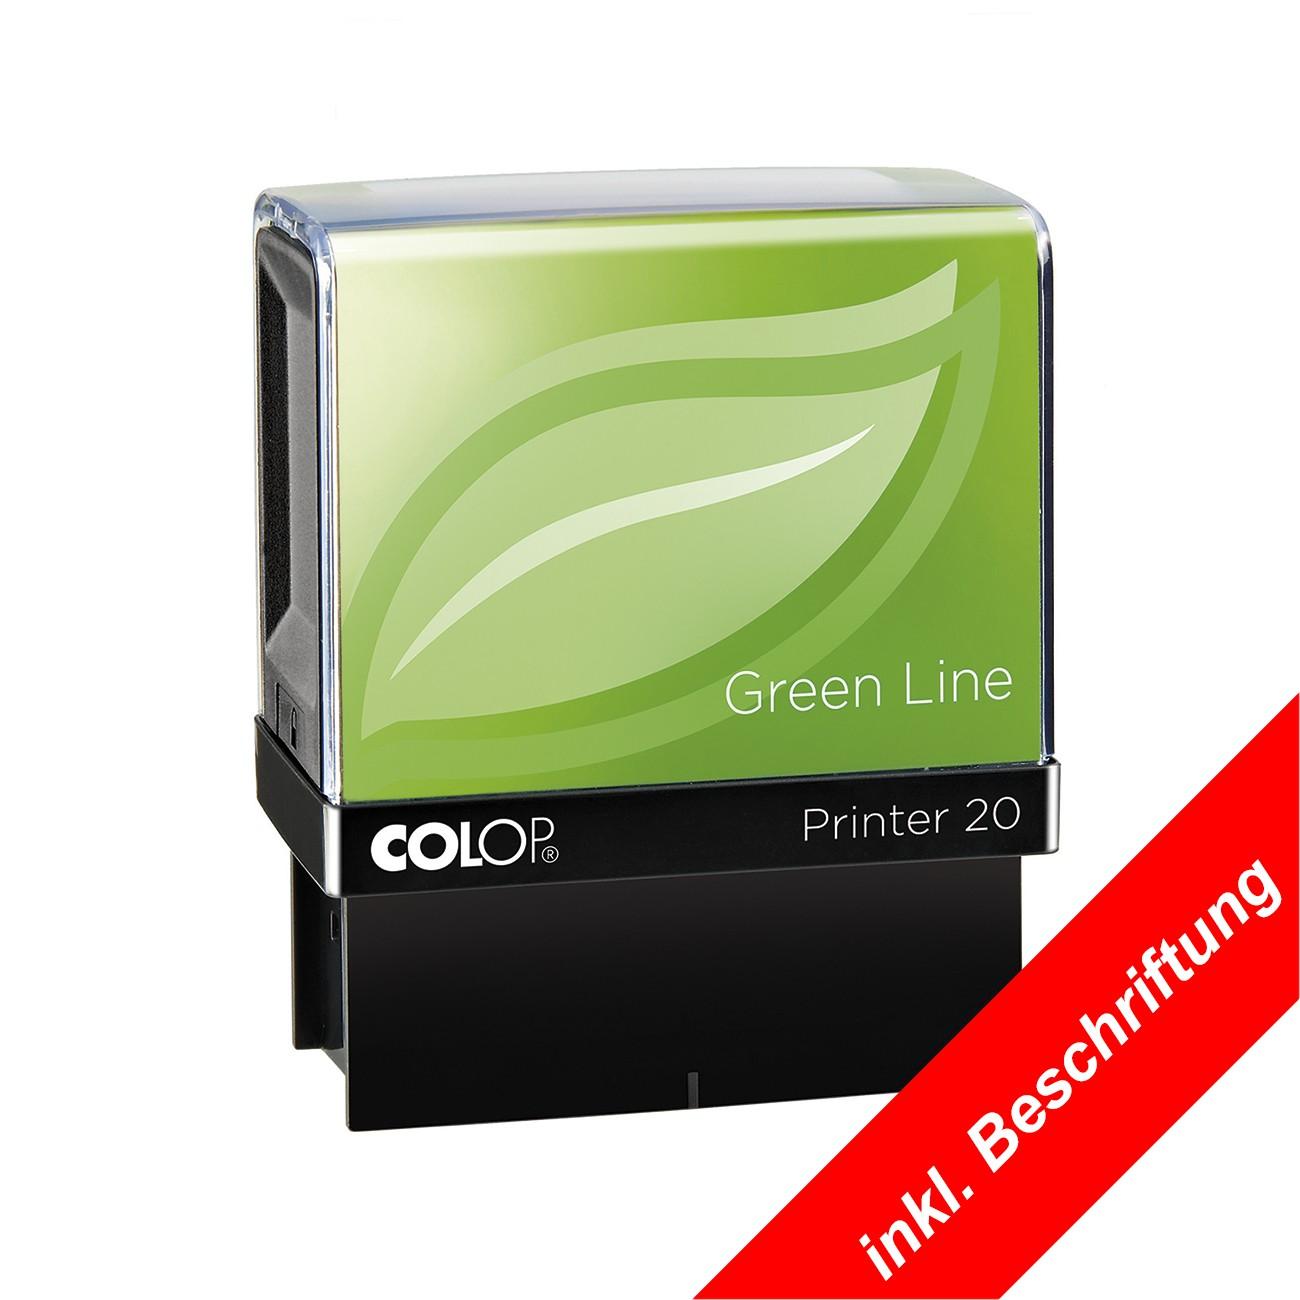 [Paket] COLOP Green Line Printer Stempel optional mit individuell gelasertem Stempeltext - in verschiedenen Größen